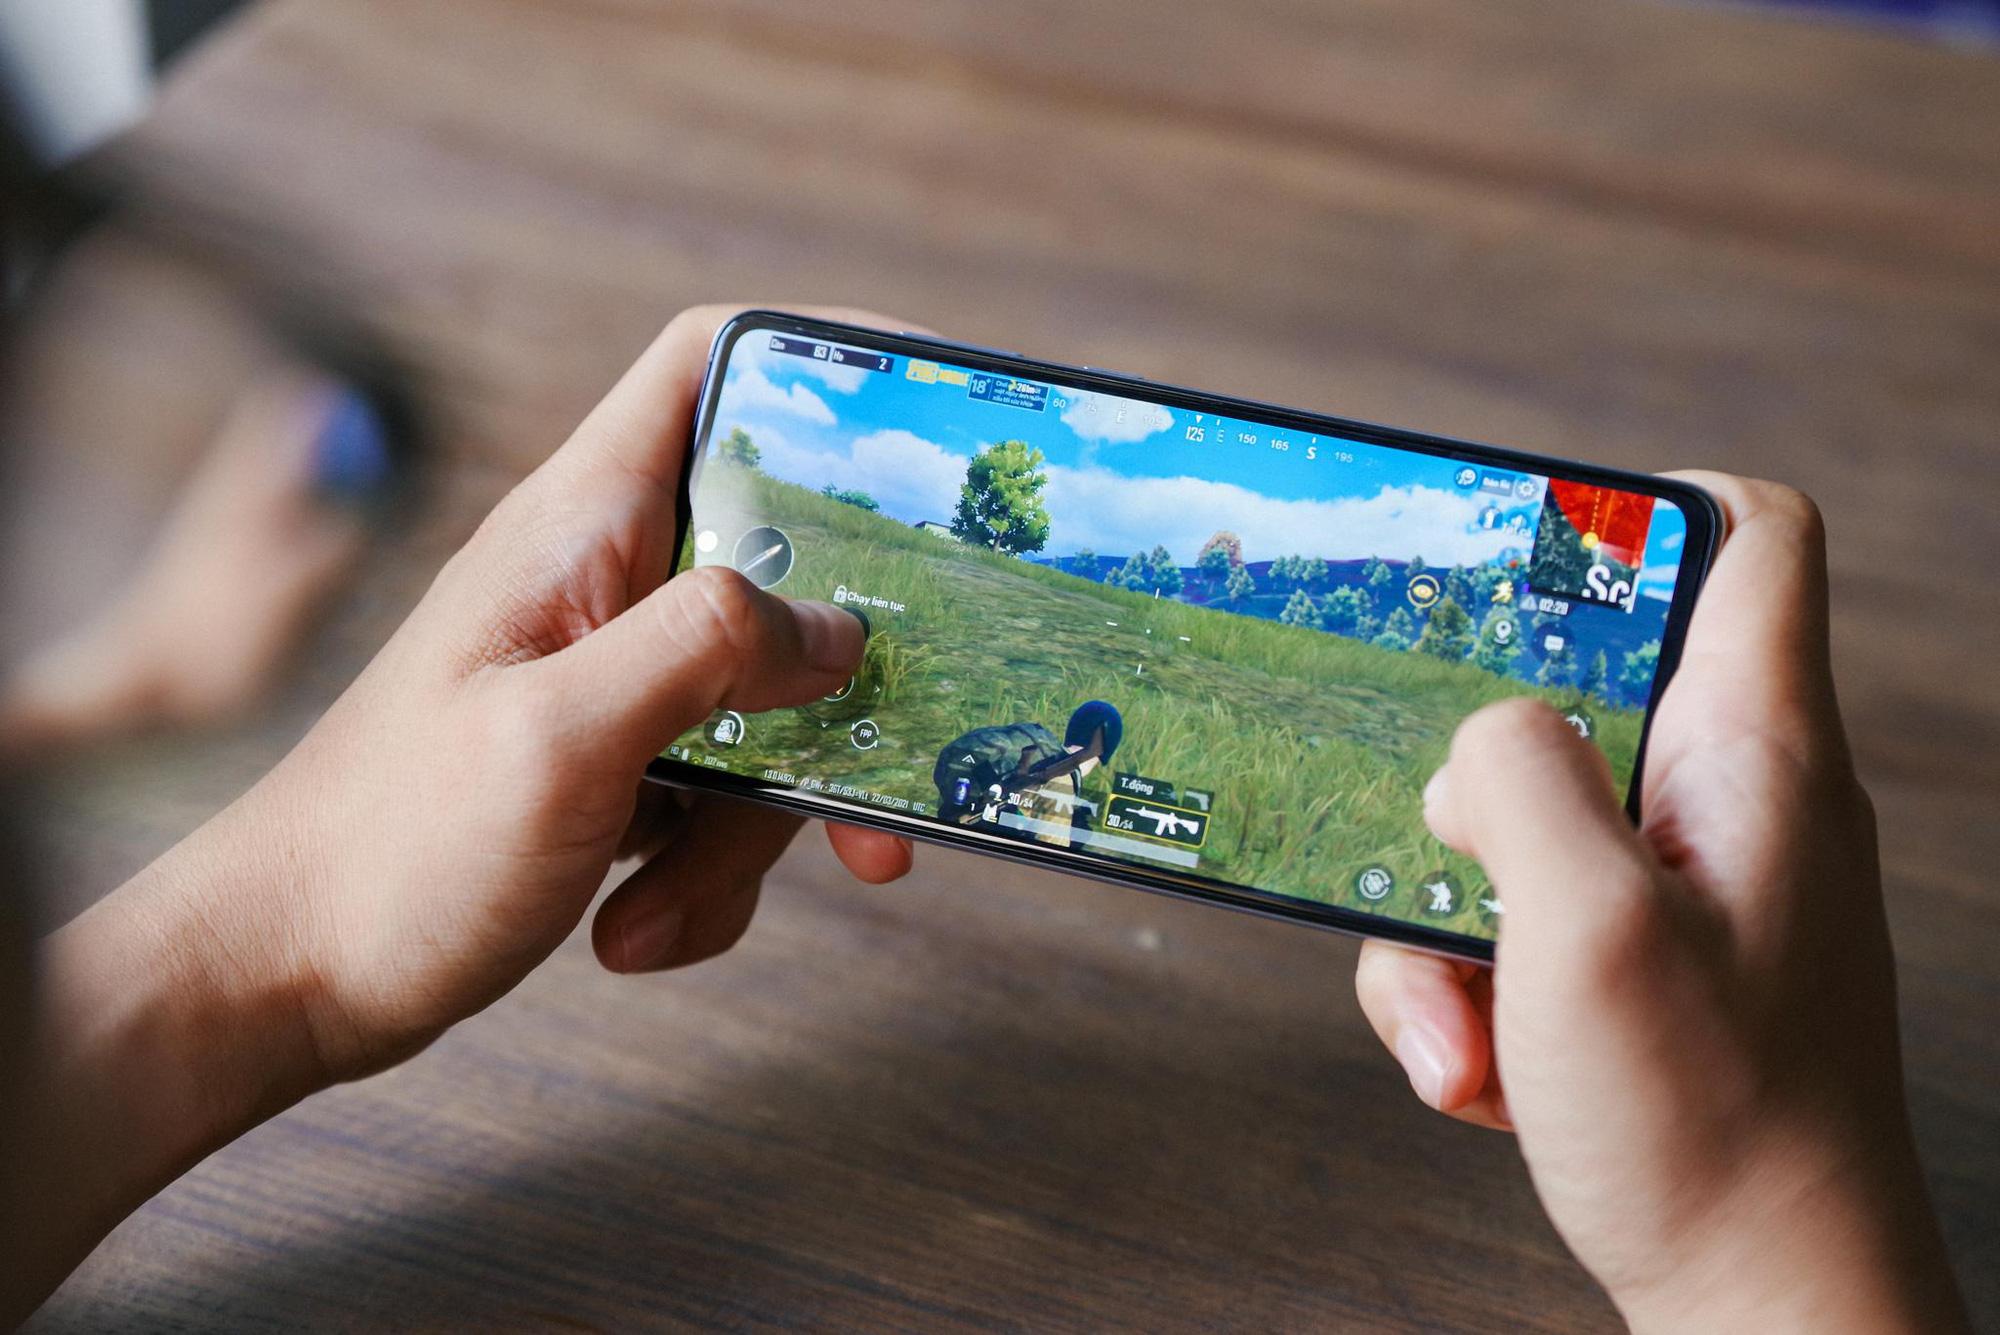 Với những công nghệ này, Galaxy A Series năm nay sẽ là smartphone ở mức giá tầm trung có lực chiến cao nhất hiện tại - Ảnh 5.